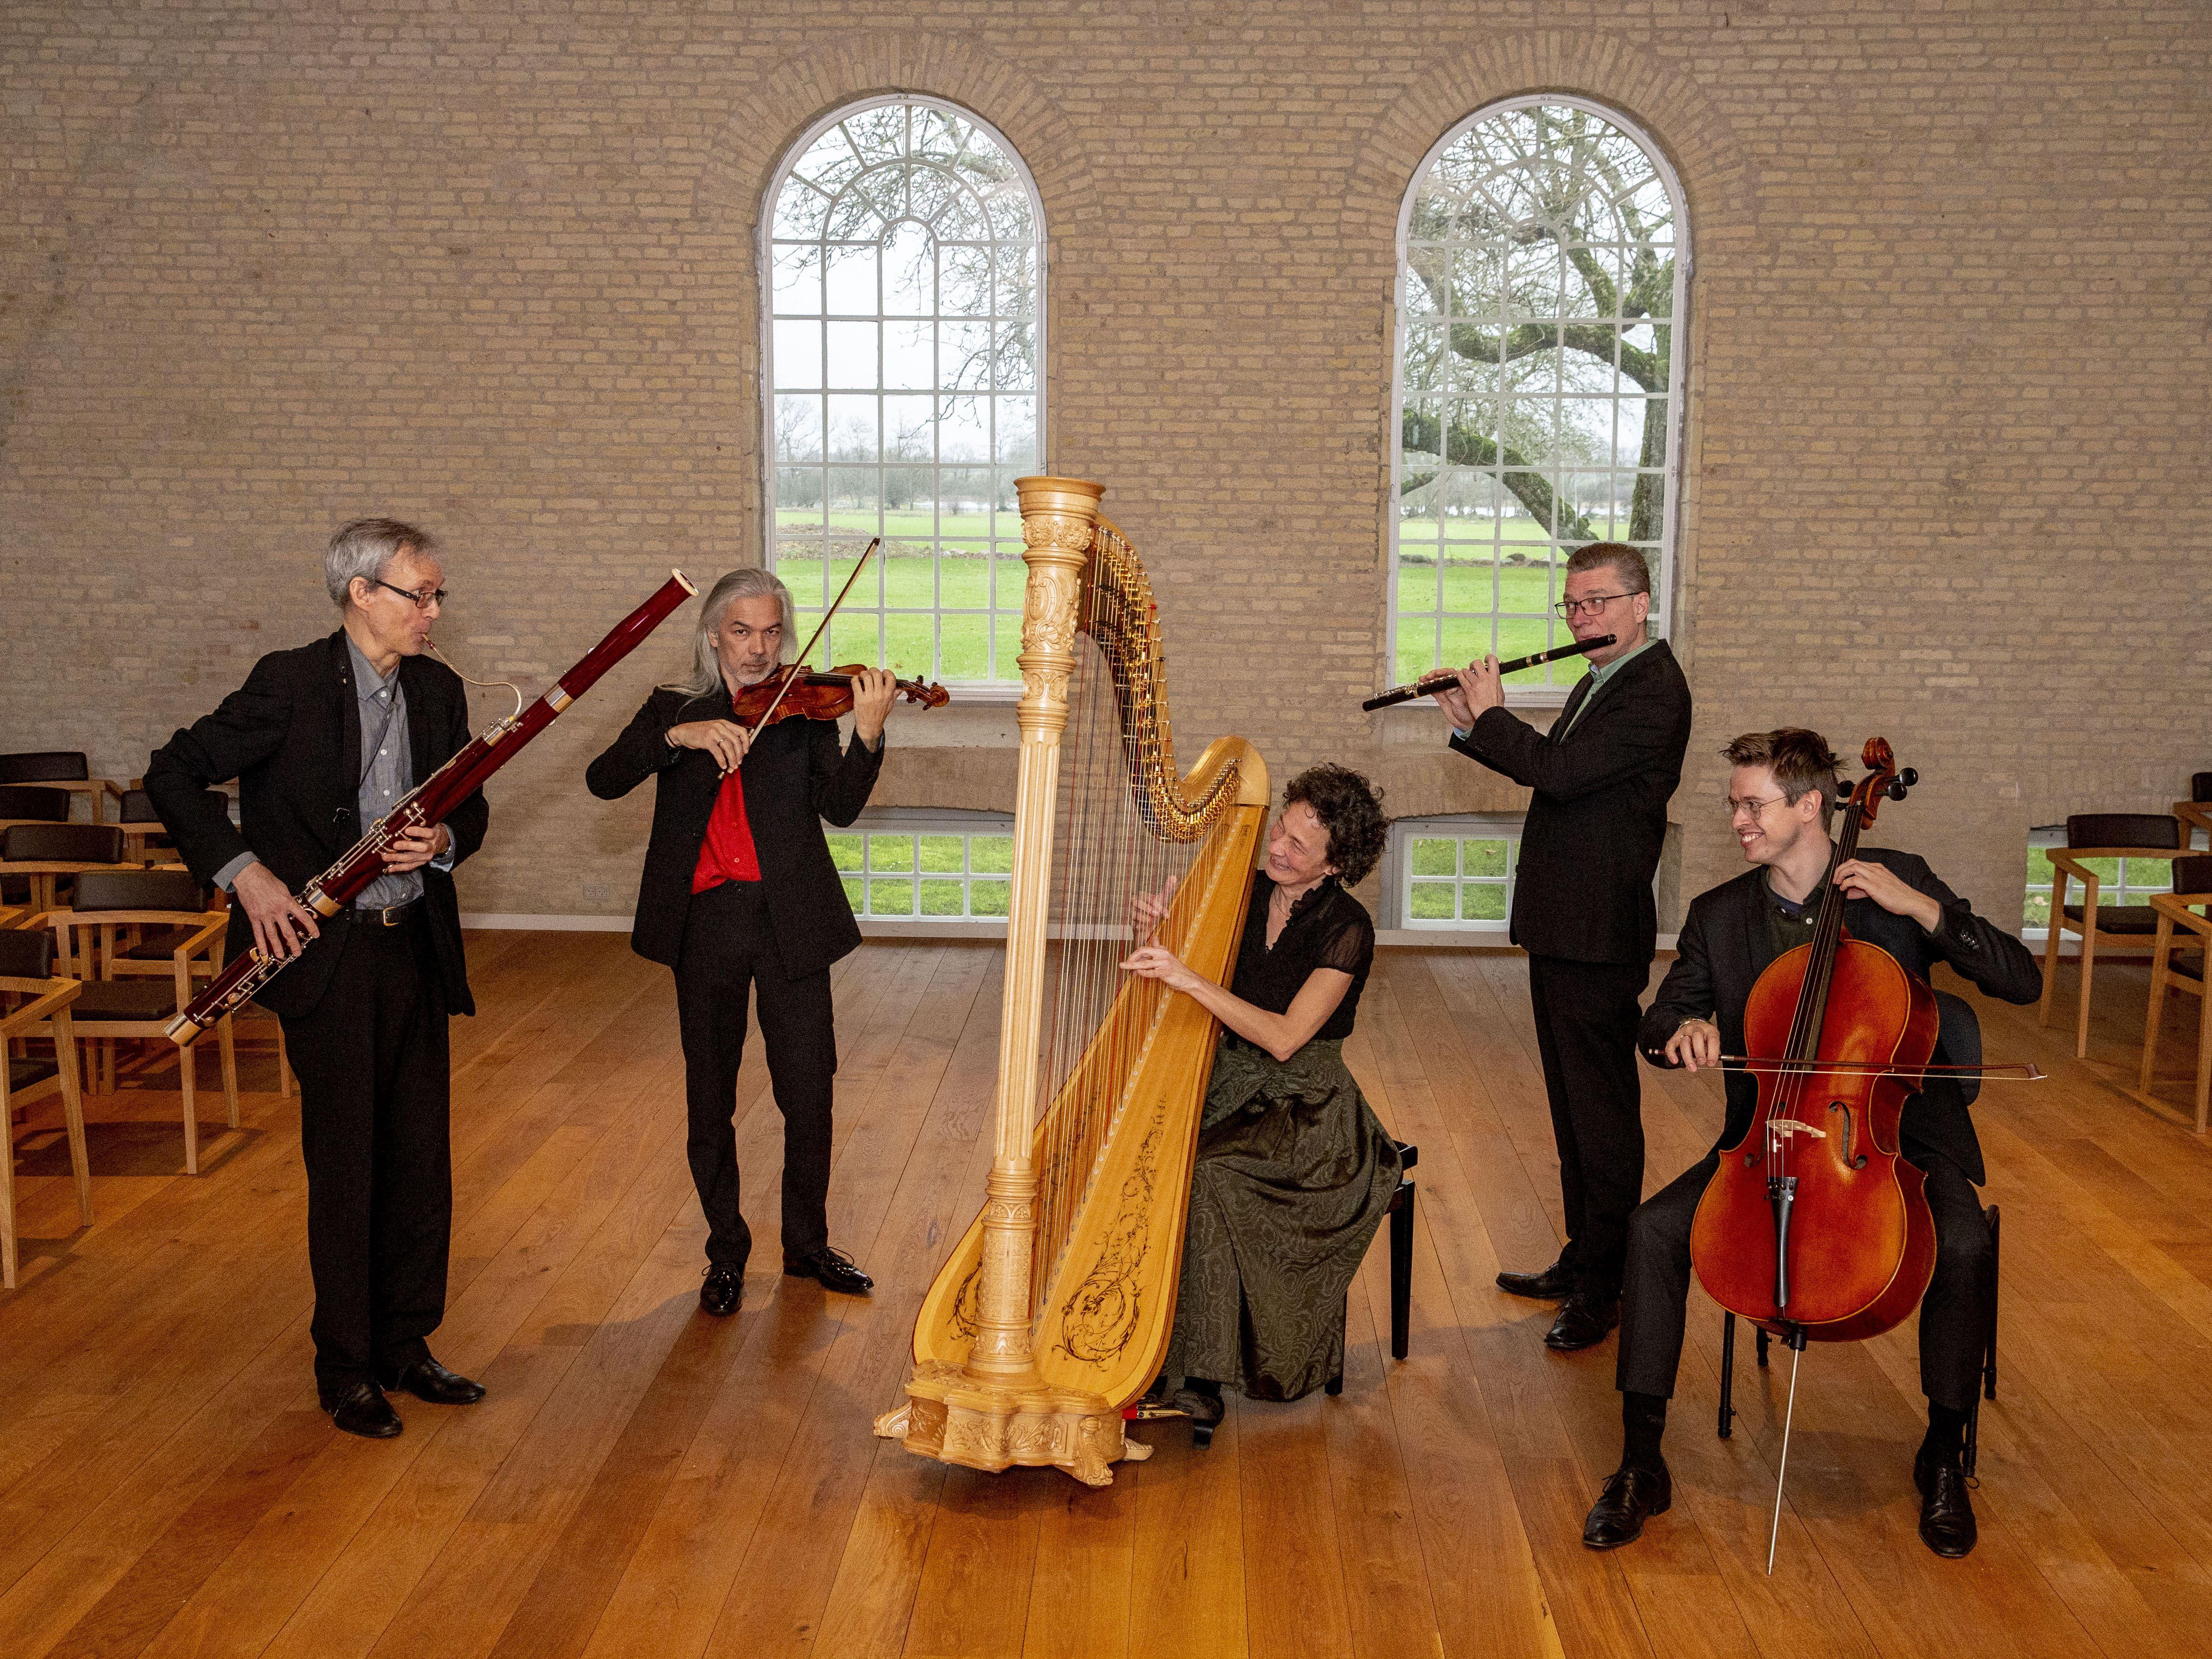 Koncert med Ensemble Storstrøm: Klangkaleidoskop på Stubbekøbing Bibliotek